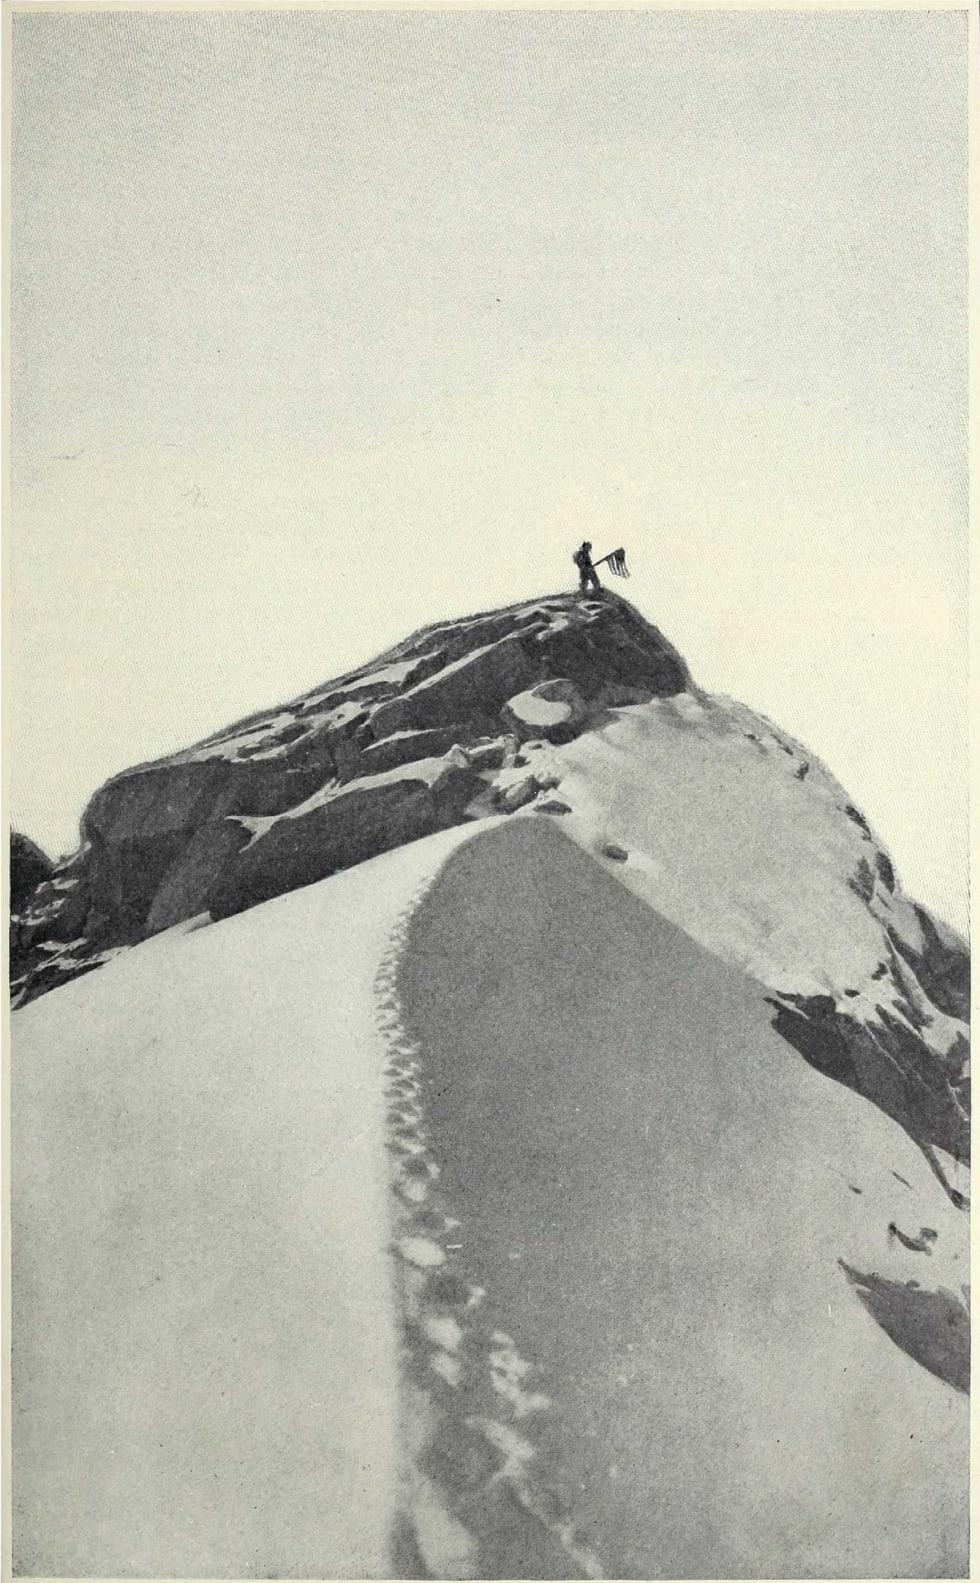 FAKE PEAK: Denne fjellryggen i Denali-massivet har fått navnet «Fake Peak» etter Cooks fotografi, som avslørte at han ikke hadde vært på toppen av Denali, som hevdet. Foto: Granger